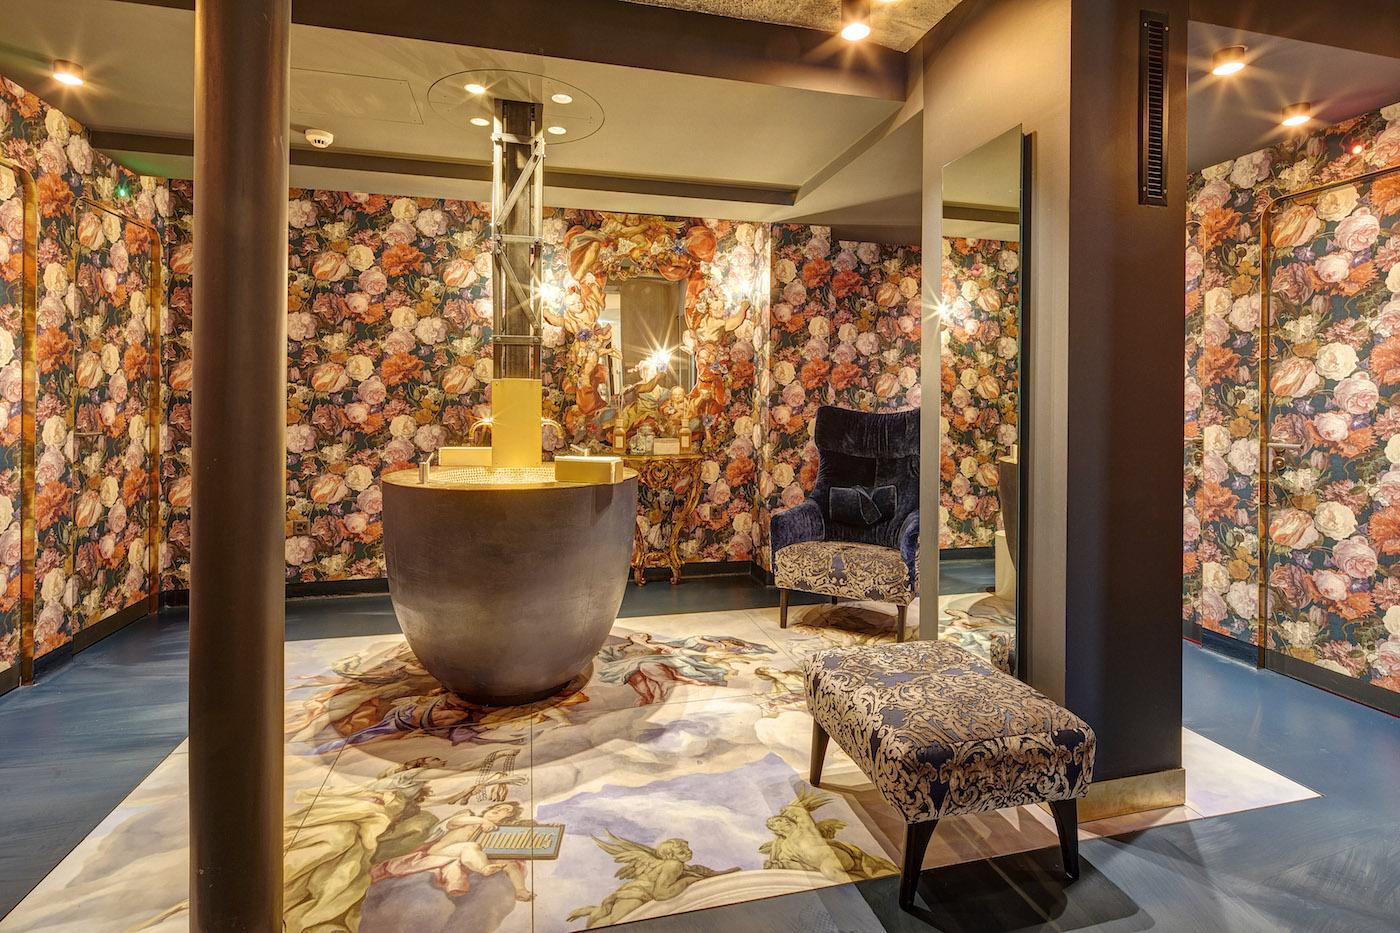 Um diese Toiletten drehte sich die Gastro-Debatte im vergangenen Jahr: die Unisex-Variante im Restaurant «Anker».